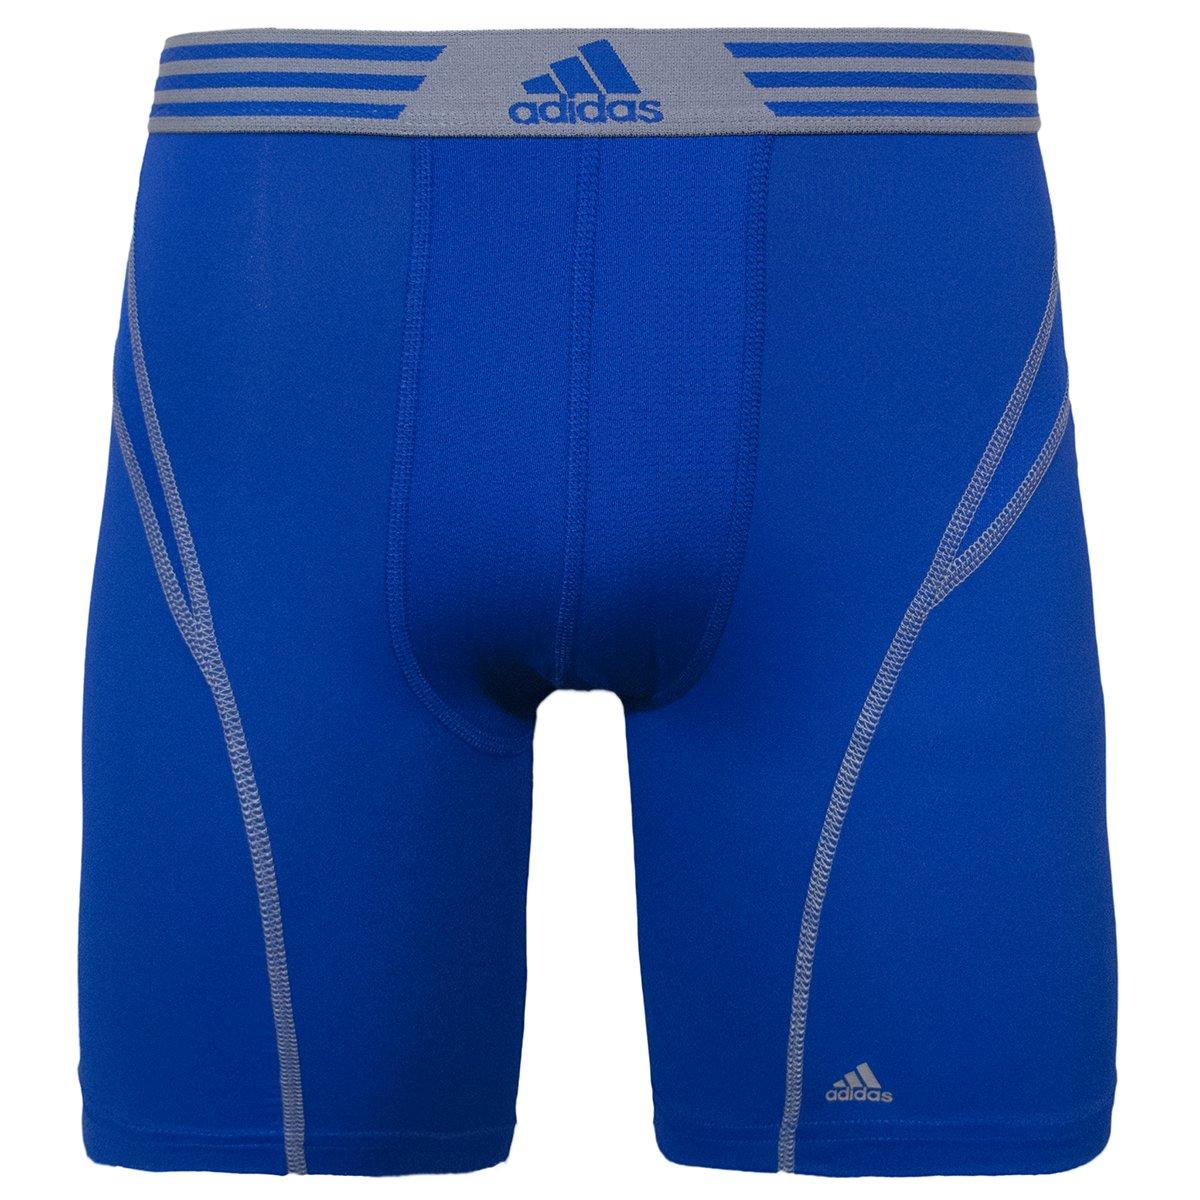 adidas de Hombre Climalite Flex Midway Ropa Interior - 5136582D, Gris, Azul (Bold Blue/Tech Grey): Amazon.es: Deportes y aire libre